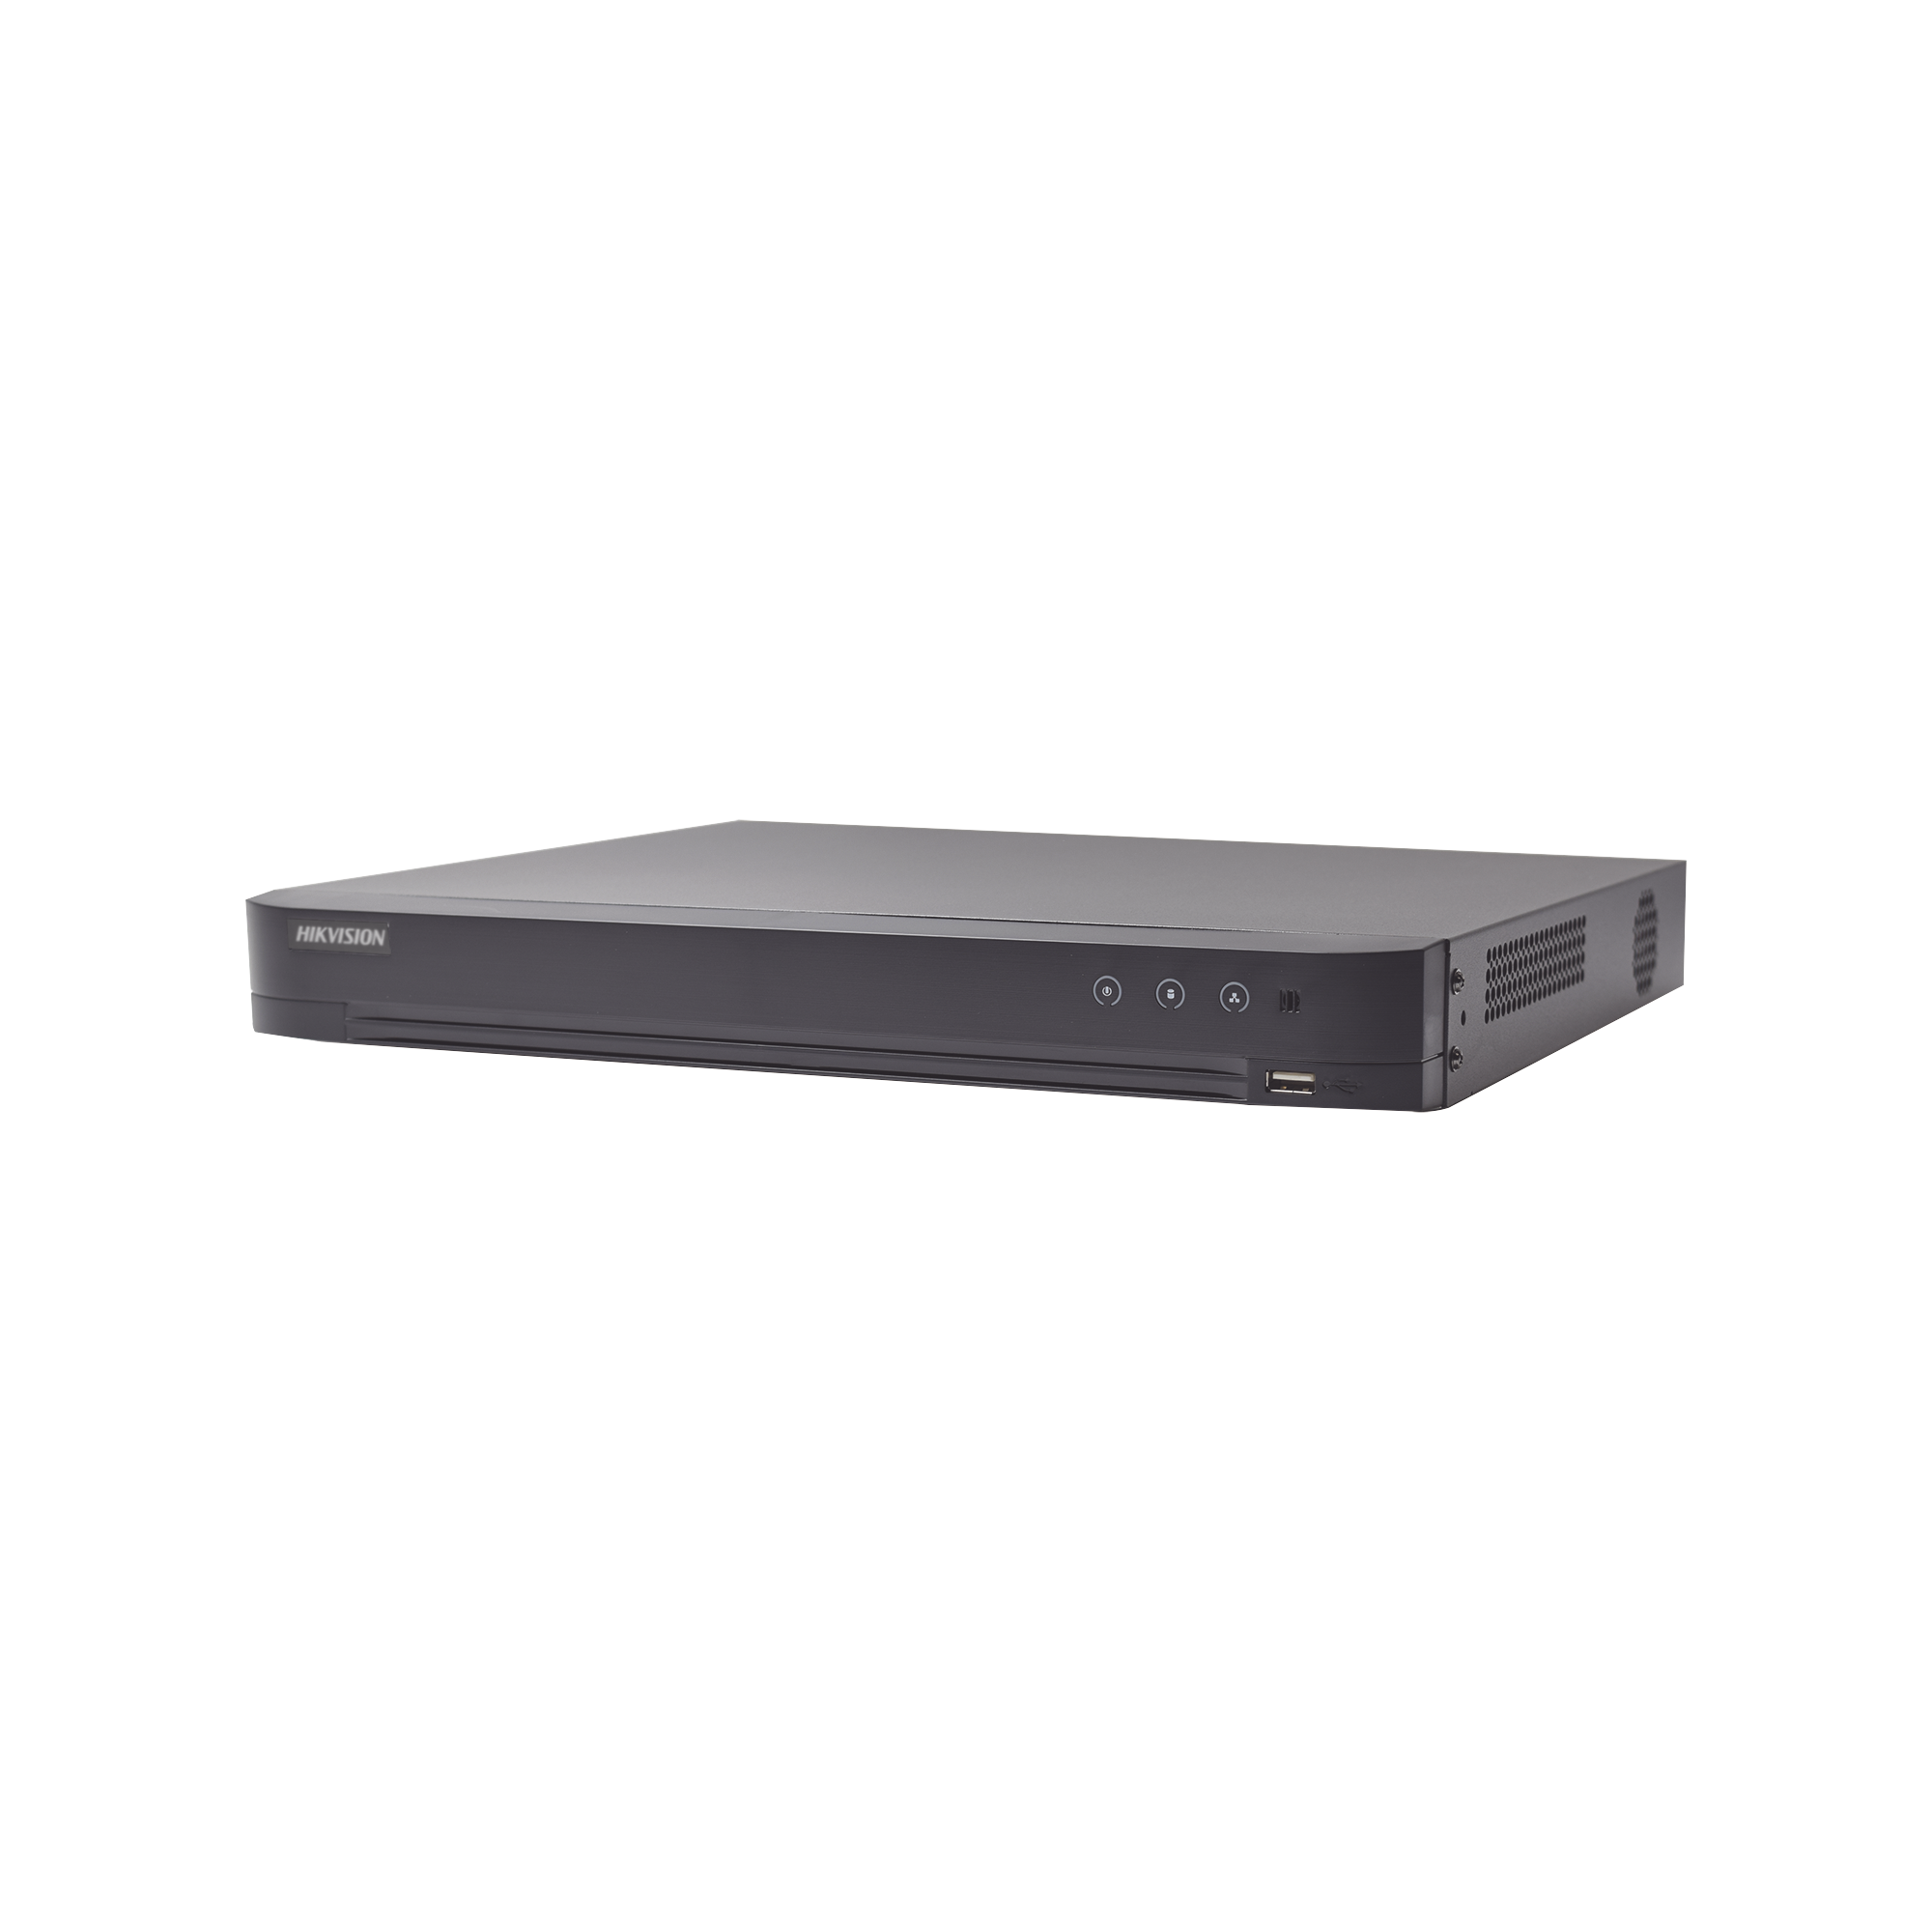 (ACUSENSE / Evita Falsas Alarmas) DVR 4 Megapixel / 8 Canales TURBOHD + 4 Canales IP / Detección de Rostros / 1 Bahía de Disco Duro / Audio por Coaxitron